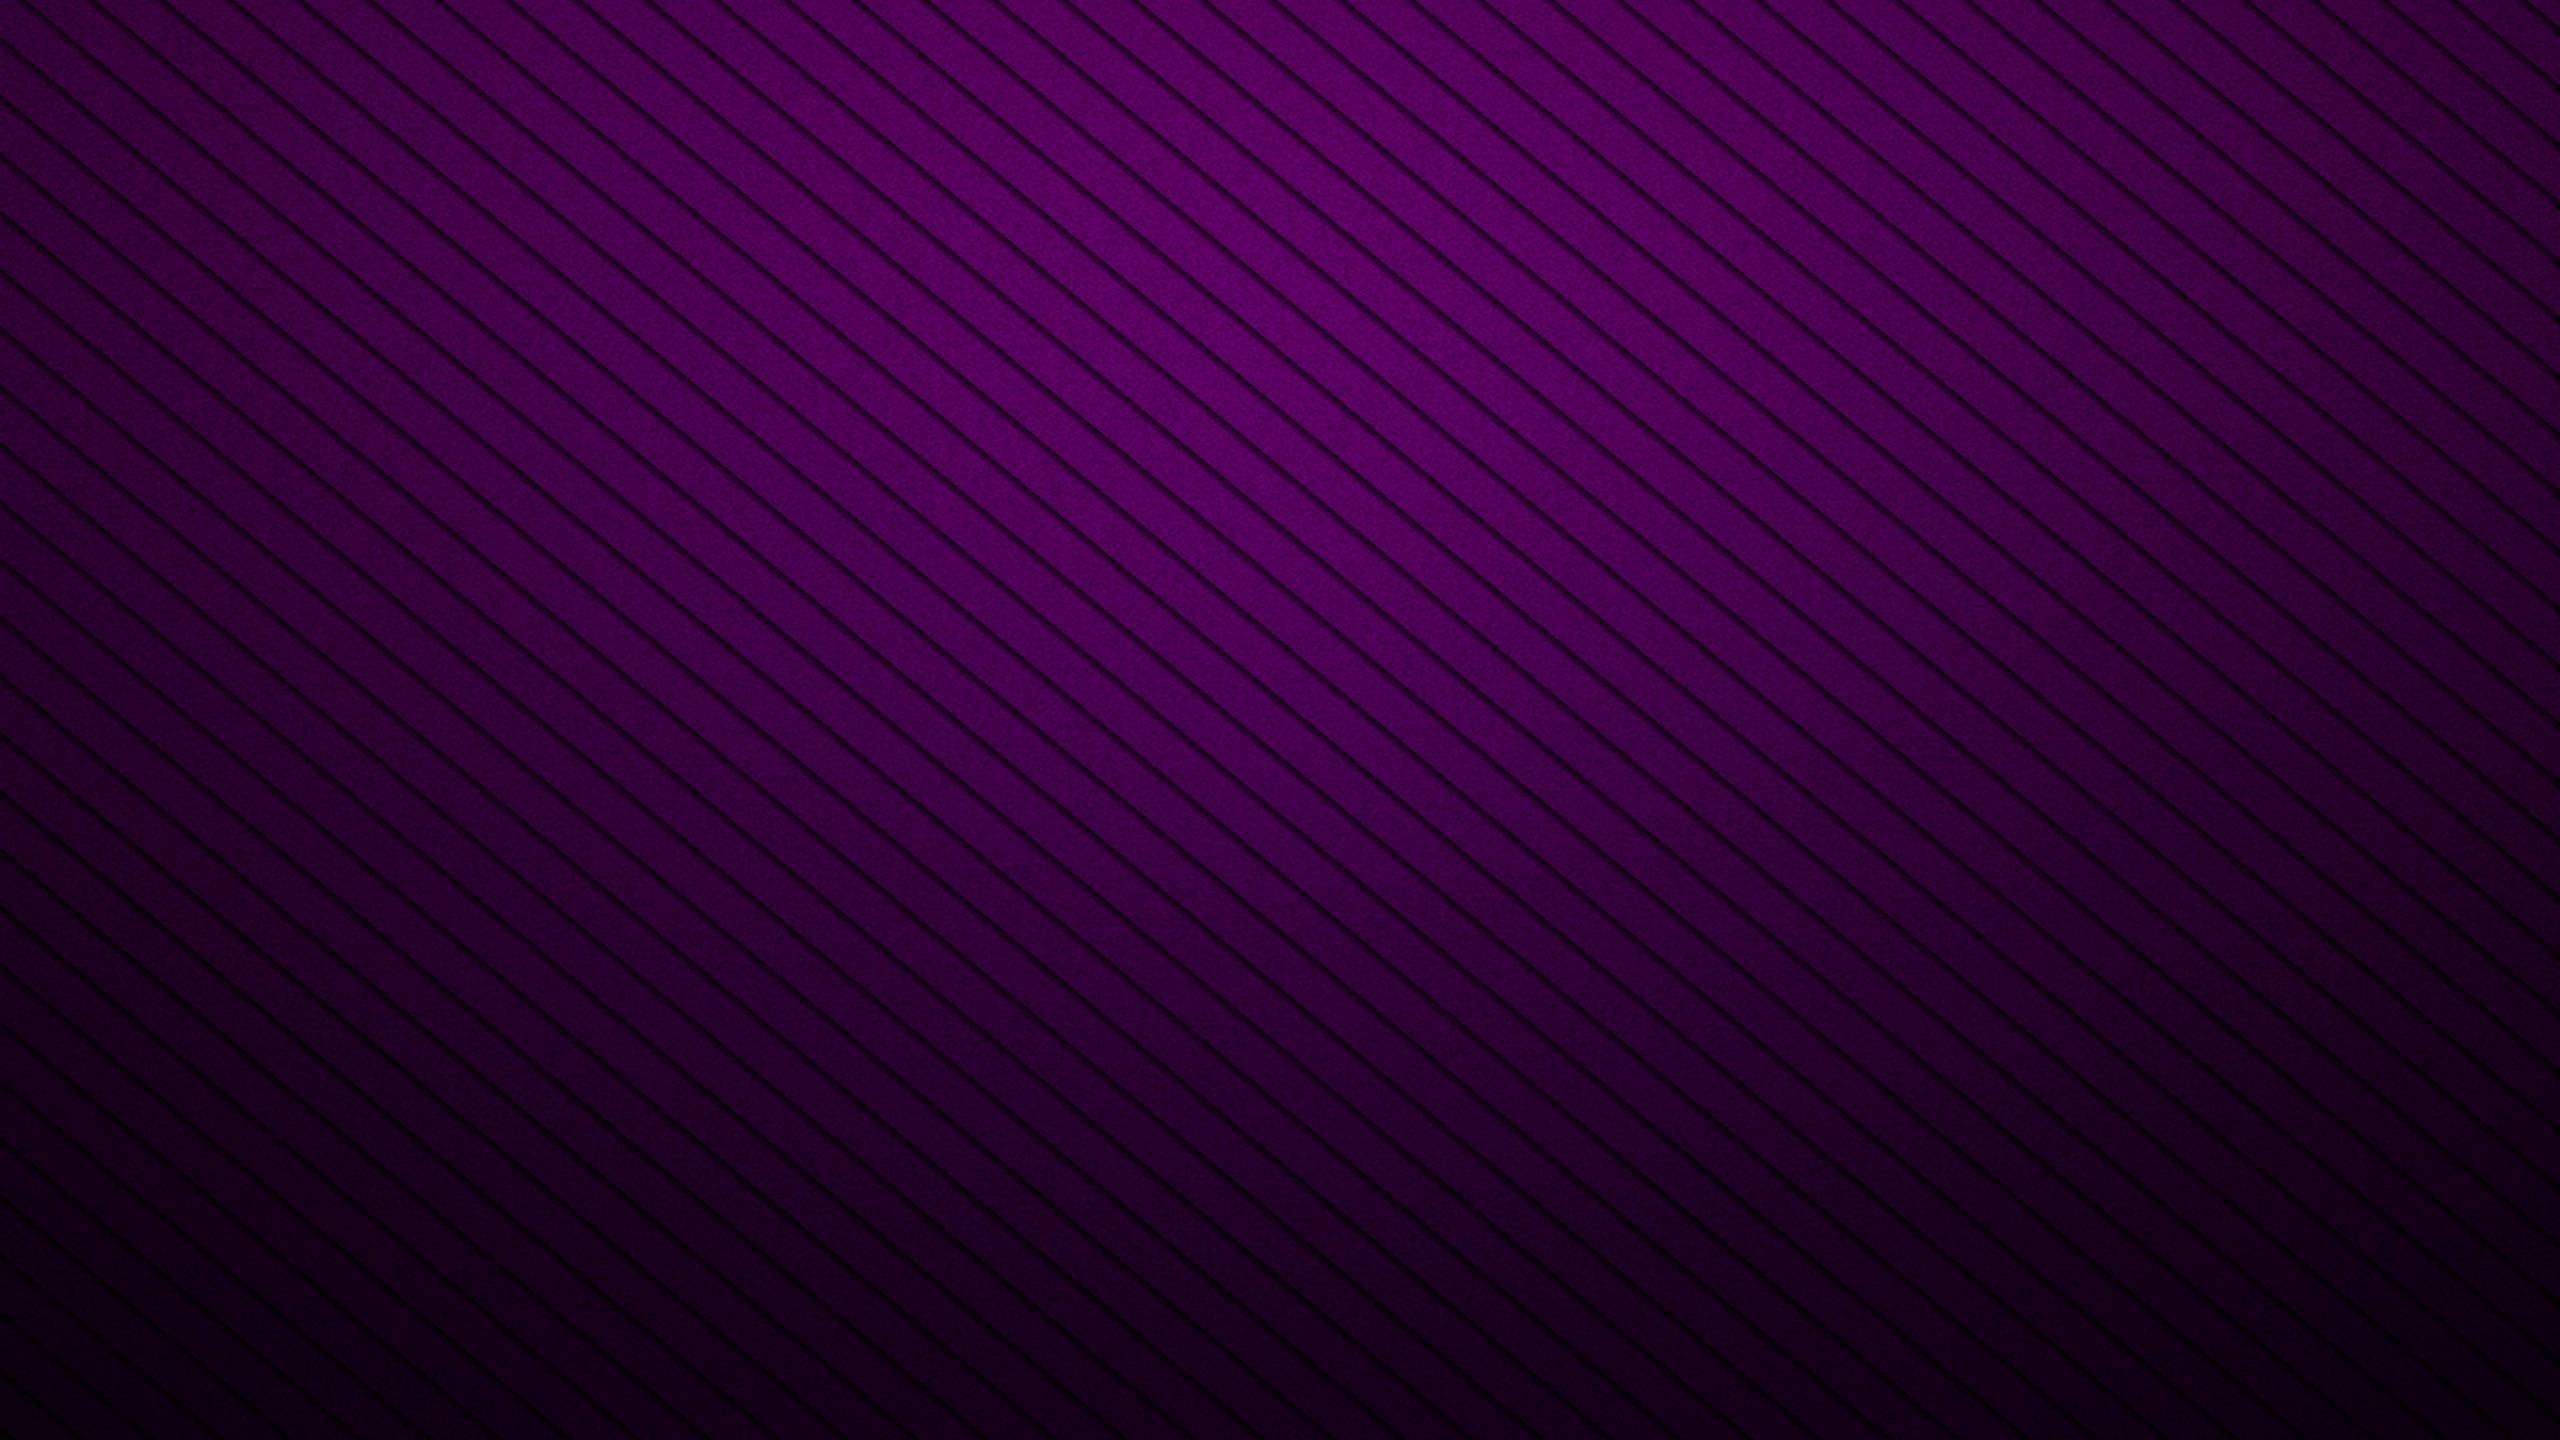 Black Silver And Purple Wallpaper